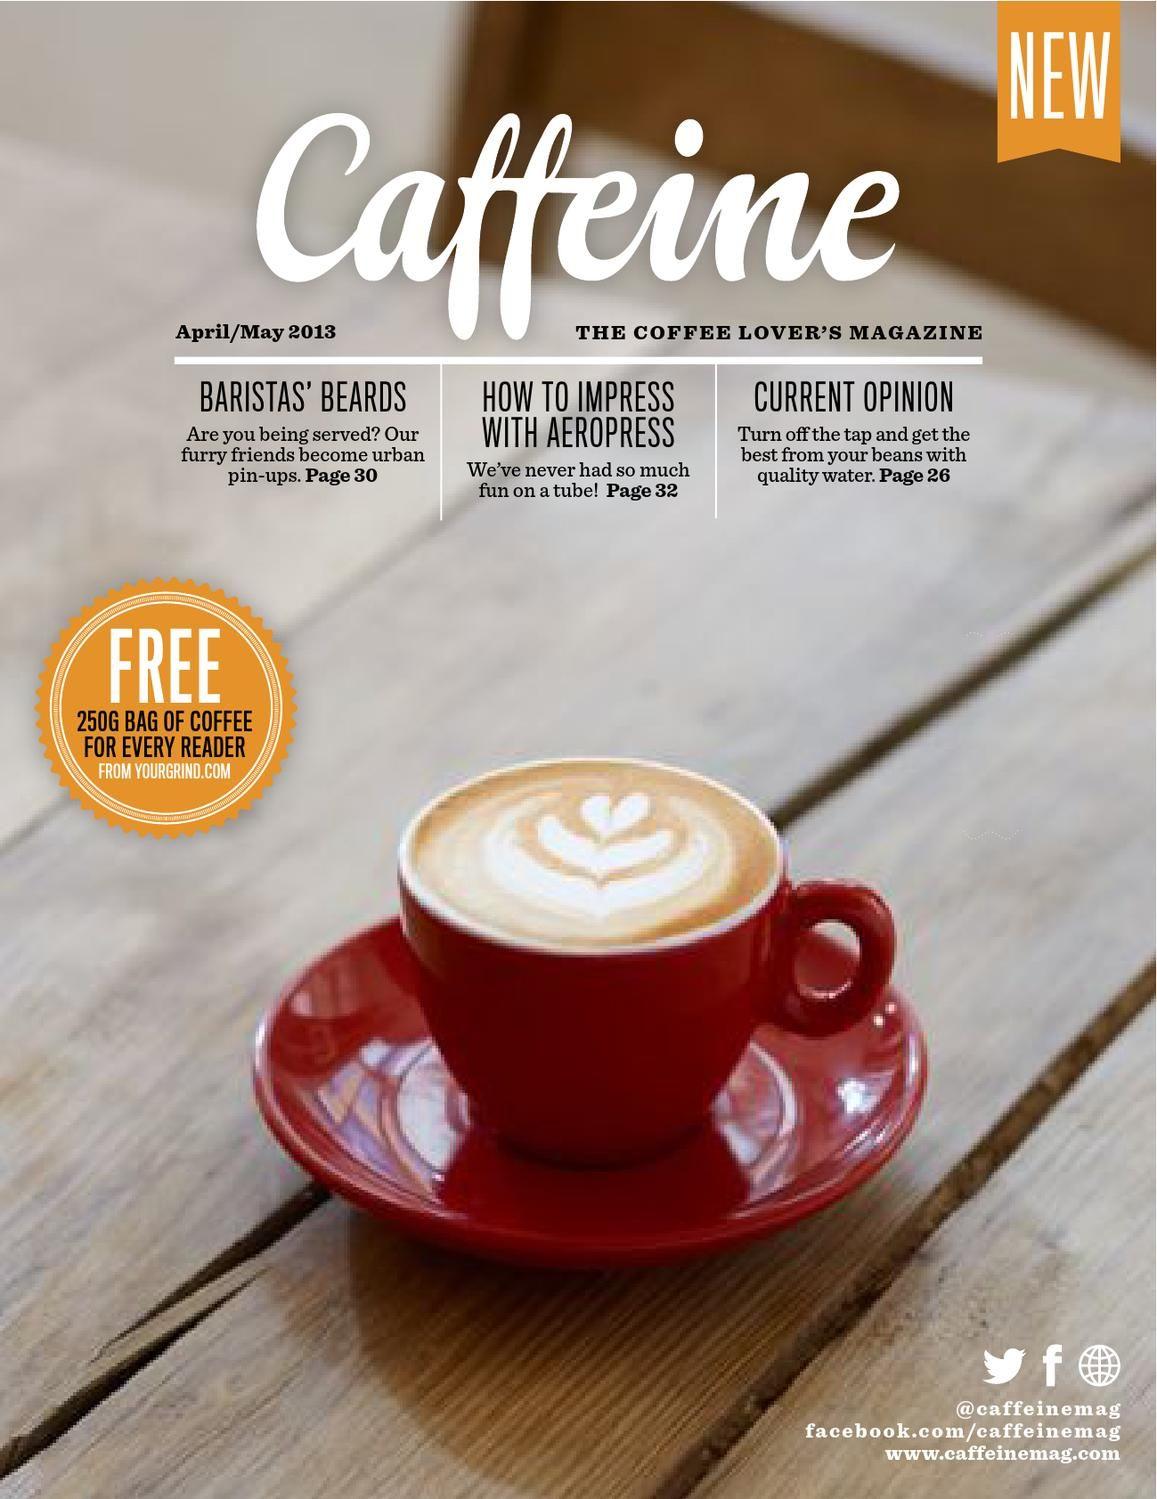 Caffeine Issue 2 Coffee Magazine Coffee Poster Design Caffeine